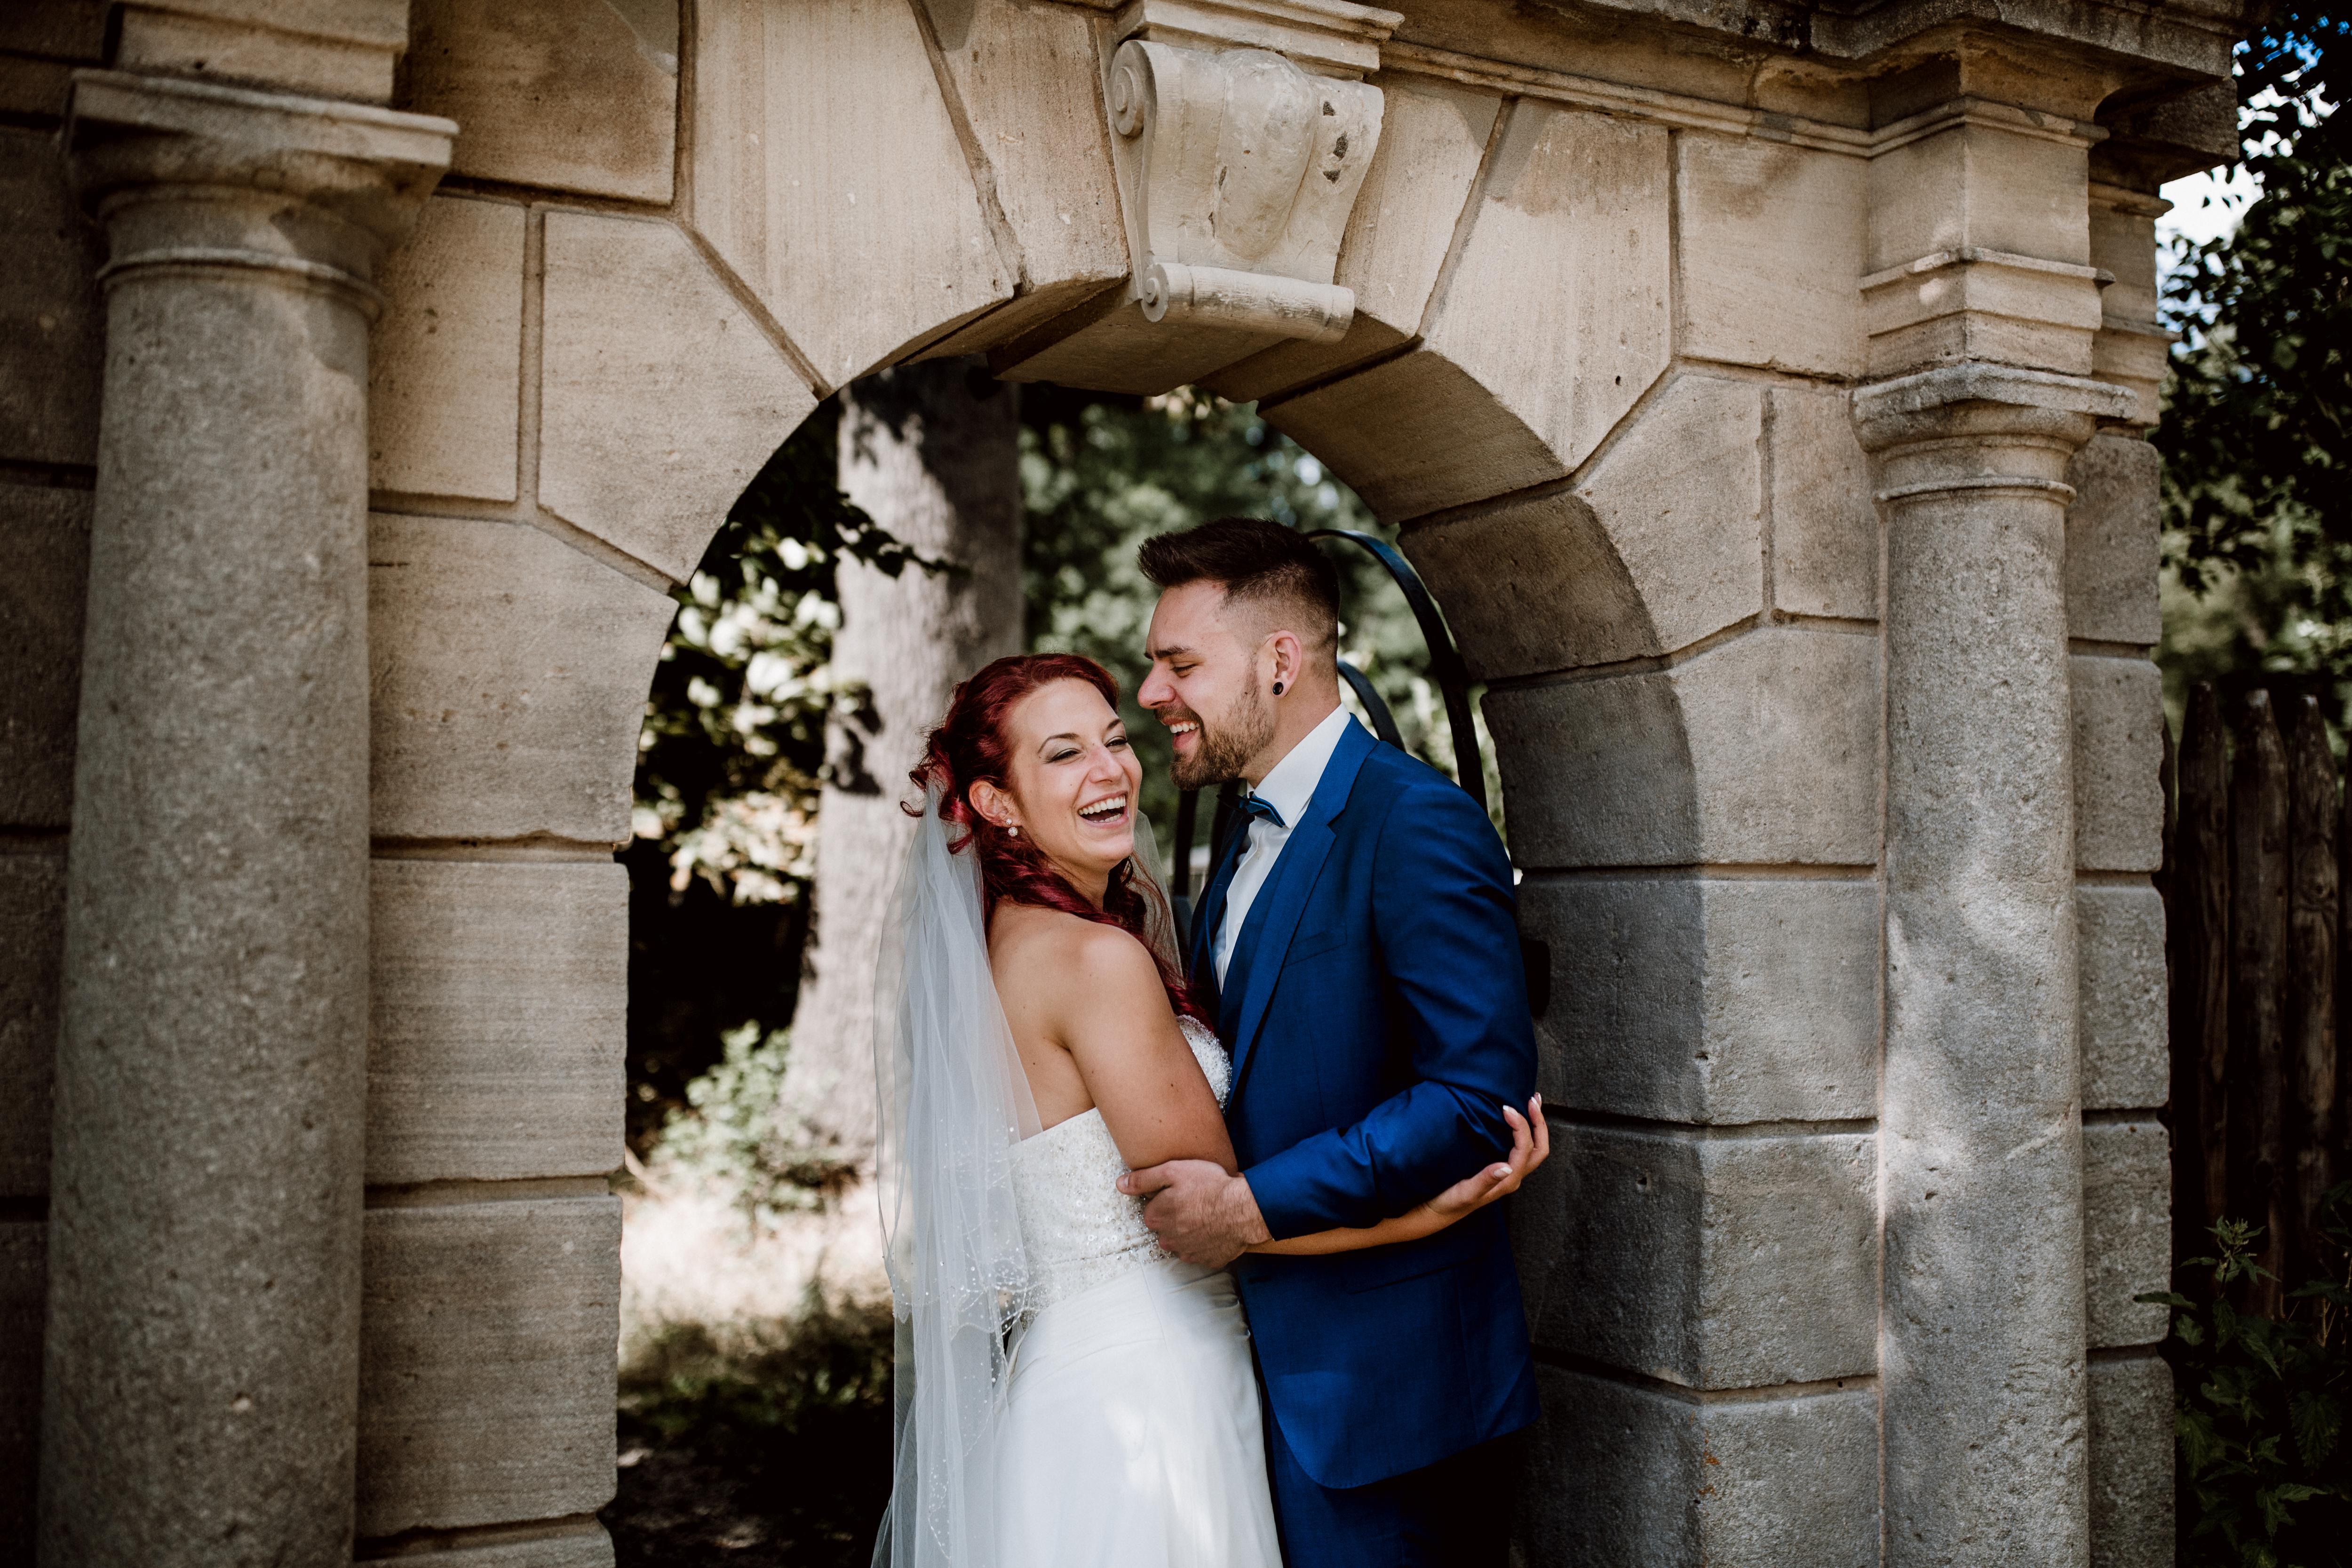 URBANERIE_Hochzeitsfotografin_Nürnberg_Fürth_Erlangen_Schwabach_170630_0448